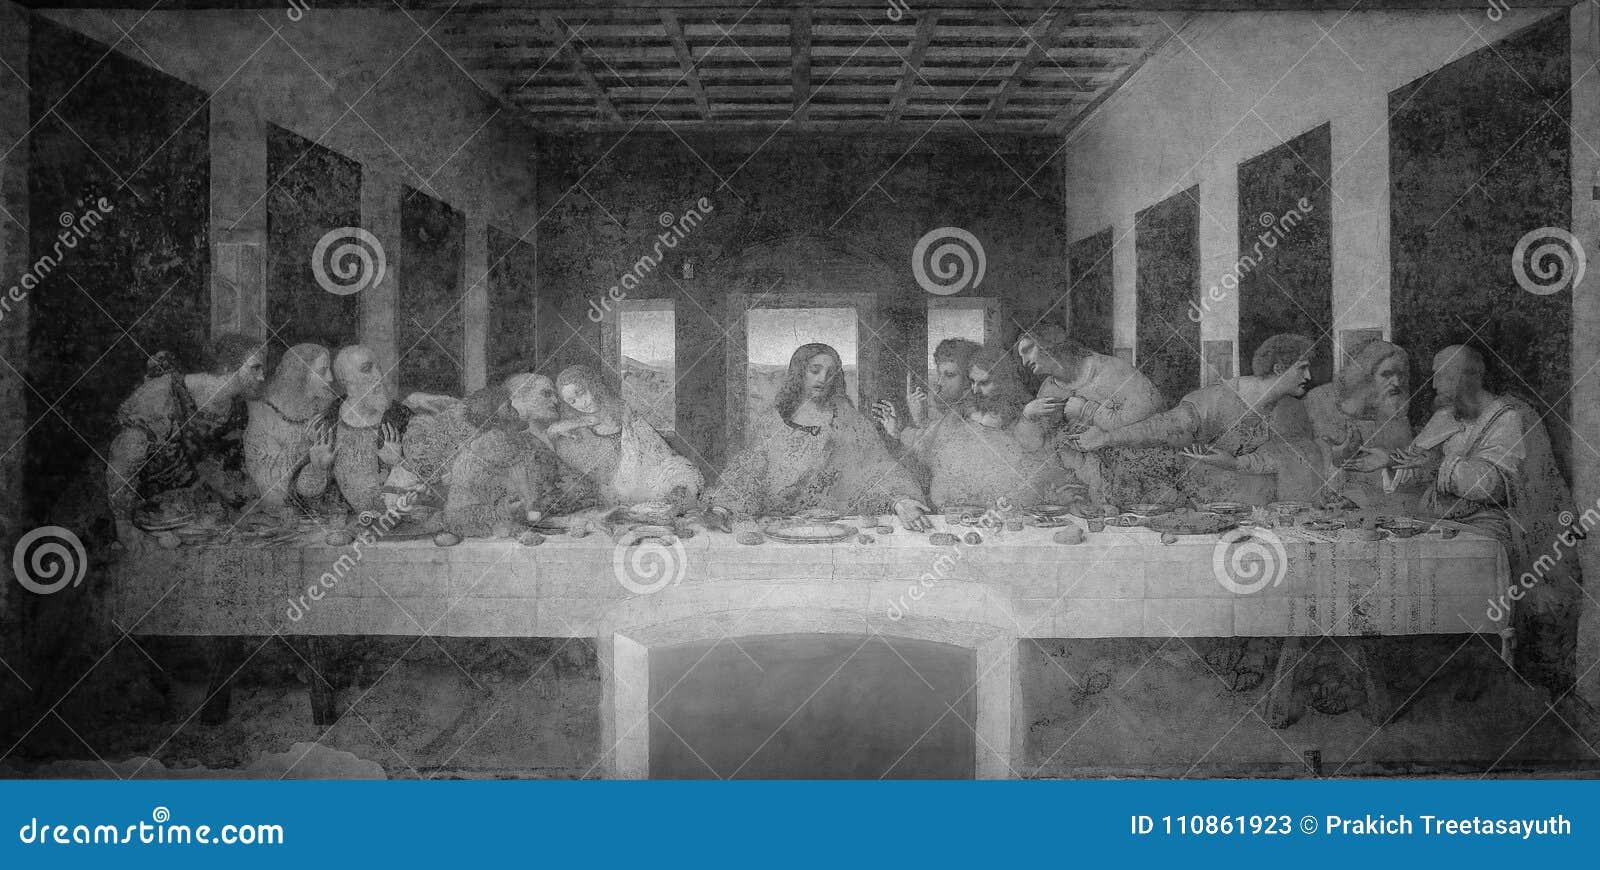 The Last Supper by Leonardo da Vinci in the refectory of the Convent of Santa Maria delle Grazie, Milan black and white